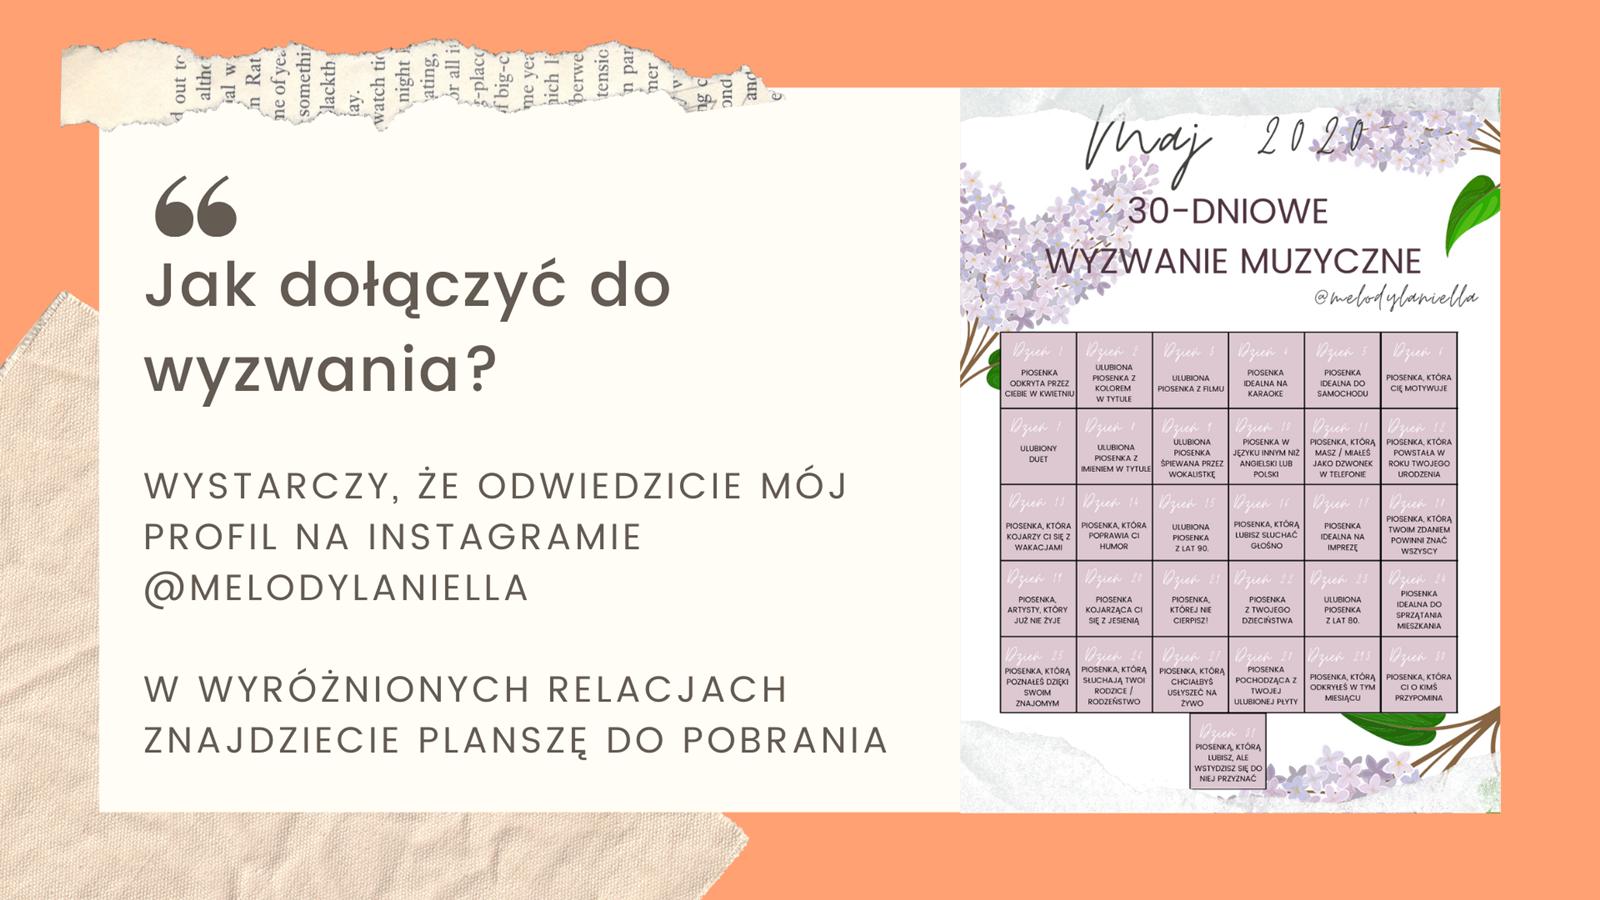 4 darmowy kalendarz do druku jak zrobić 30-dniowe wyzwanie muzyczne na instagramie instastory kalendarz ładny kolorowy maj 2020 do druku darmowy do pobrania kwiaty kobiecy dla dziewczyny